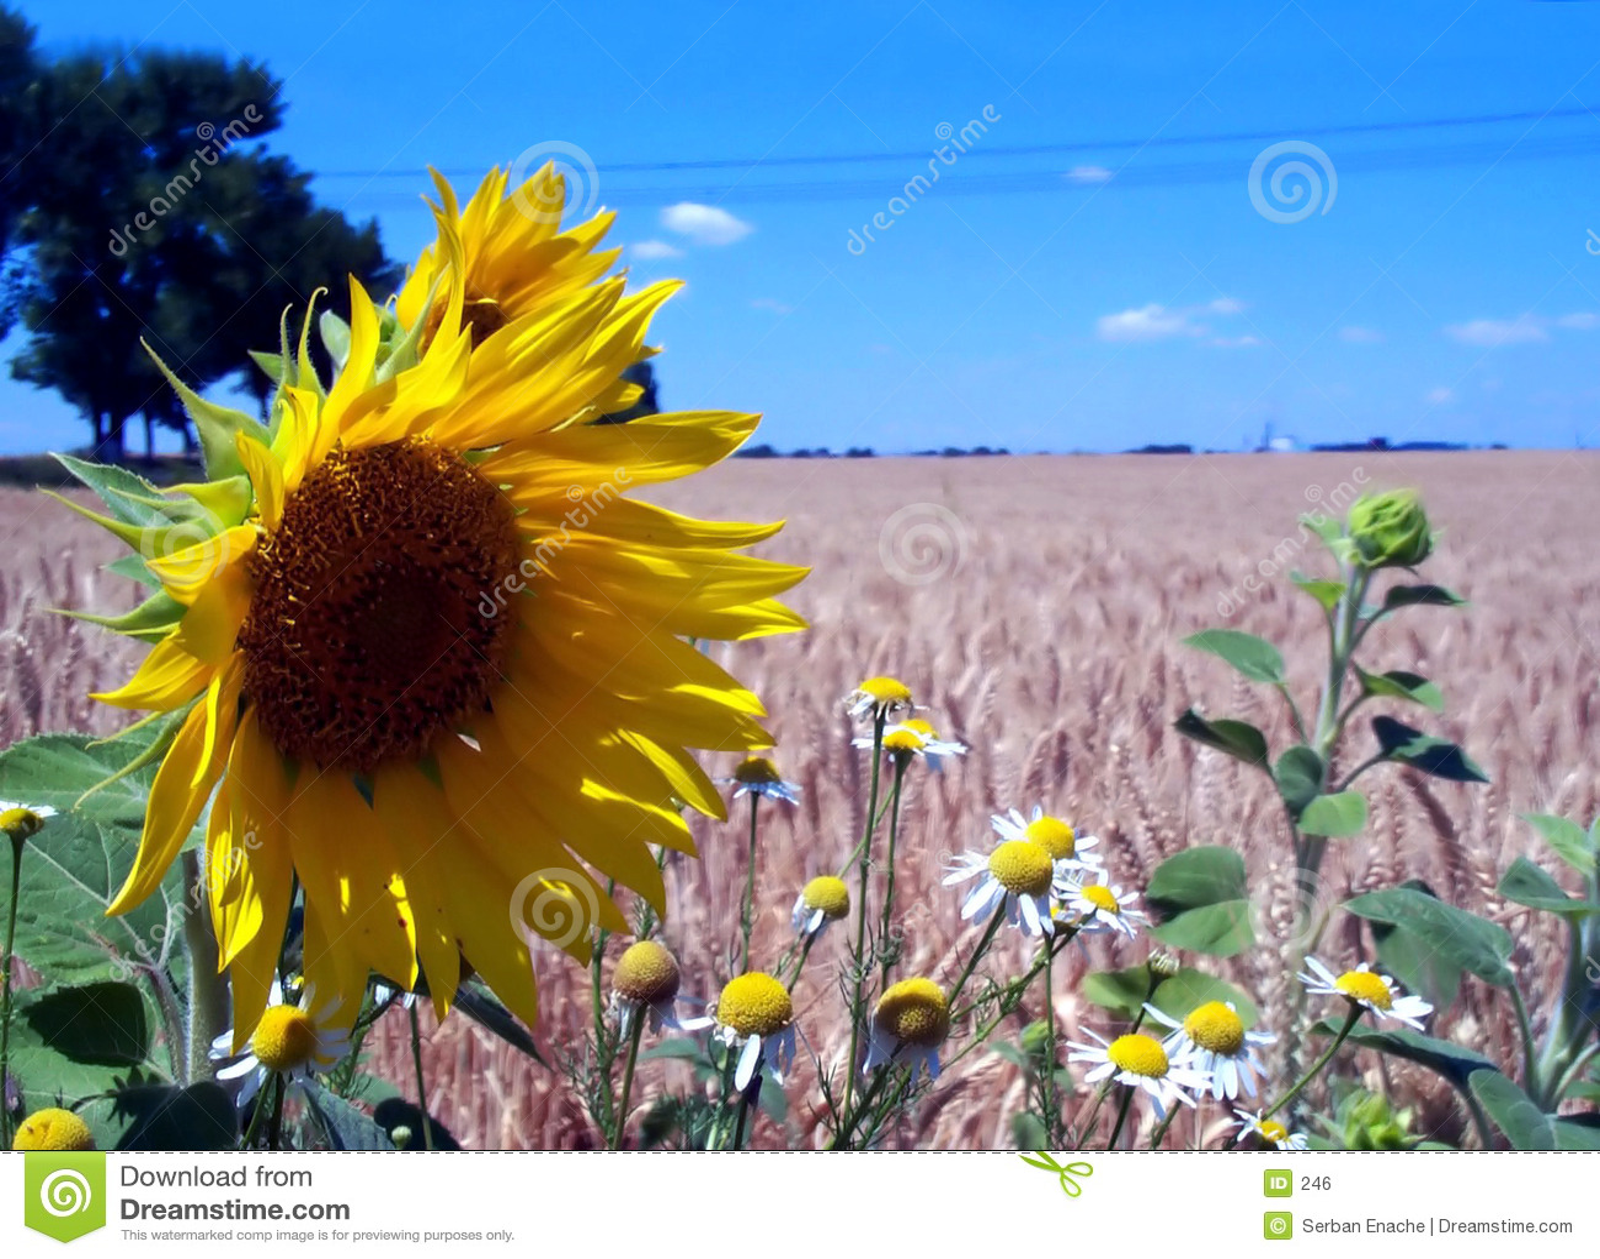 Niebieski odpowiada niebo zwyczajnej słonecznika